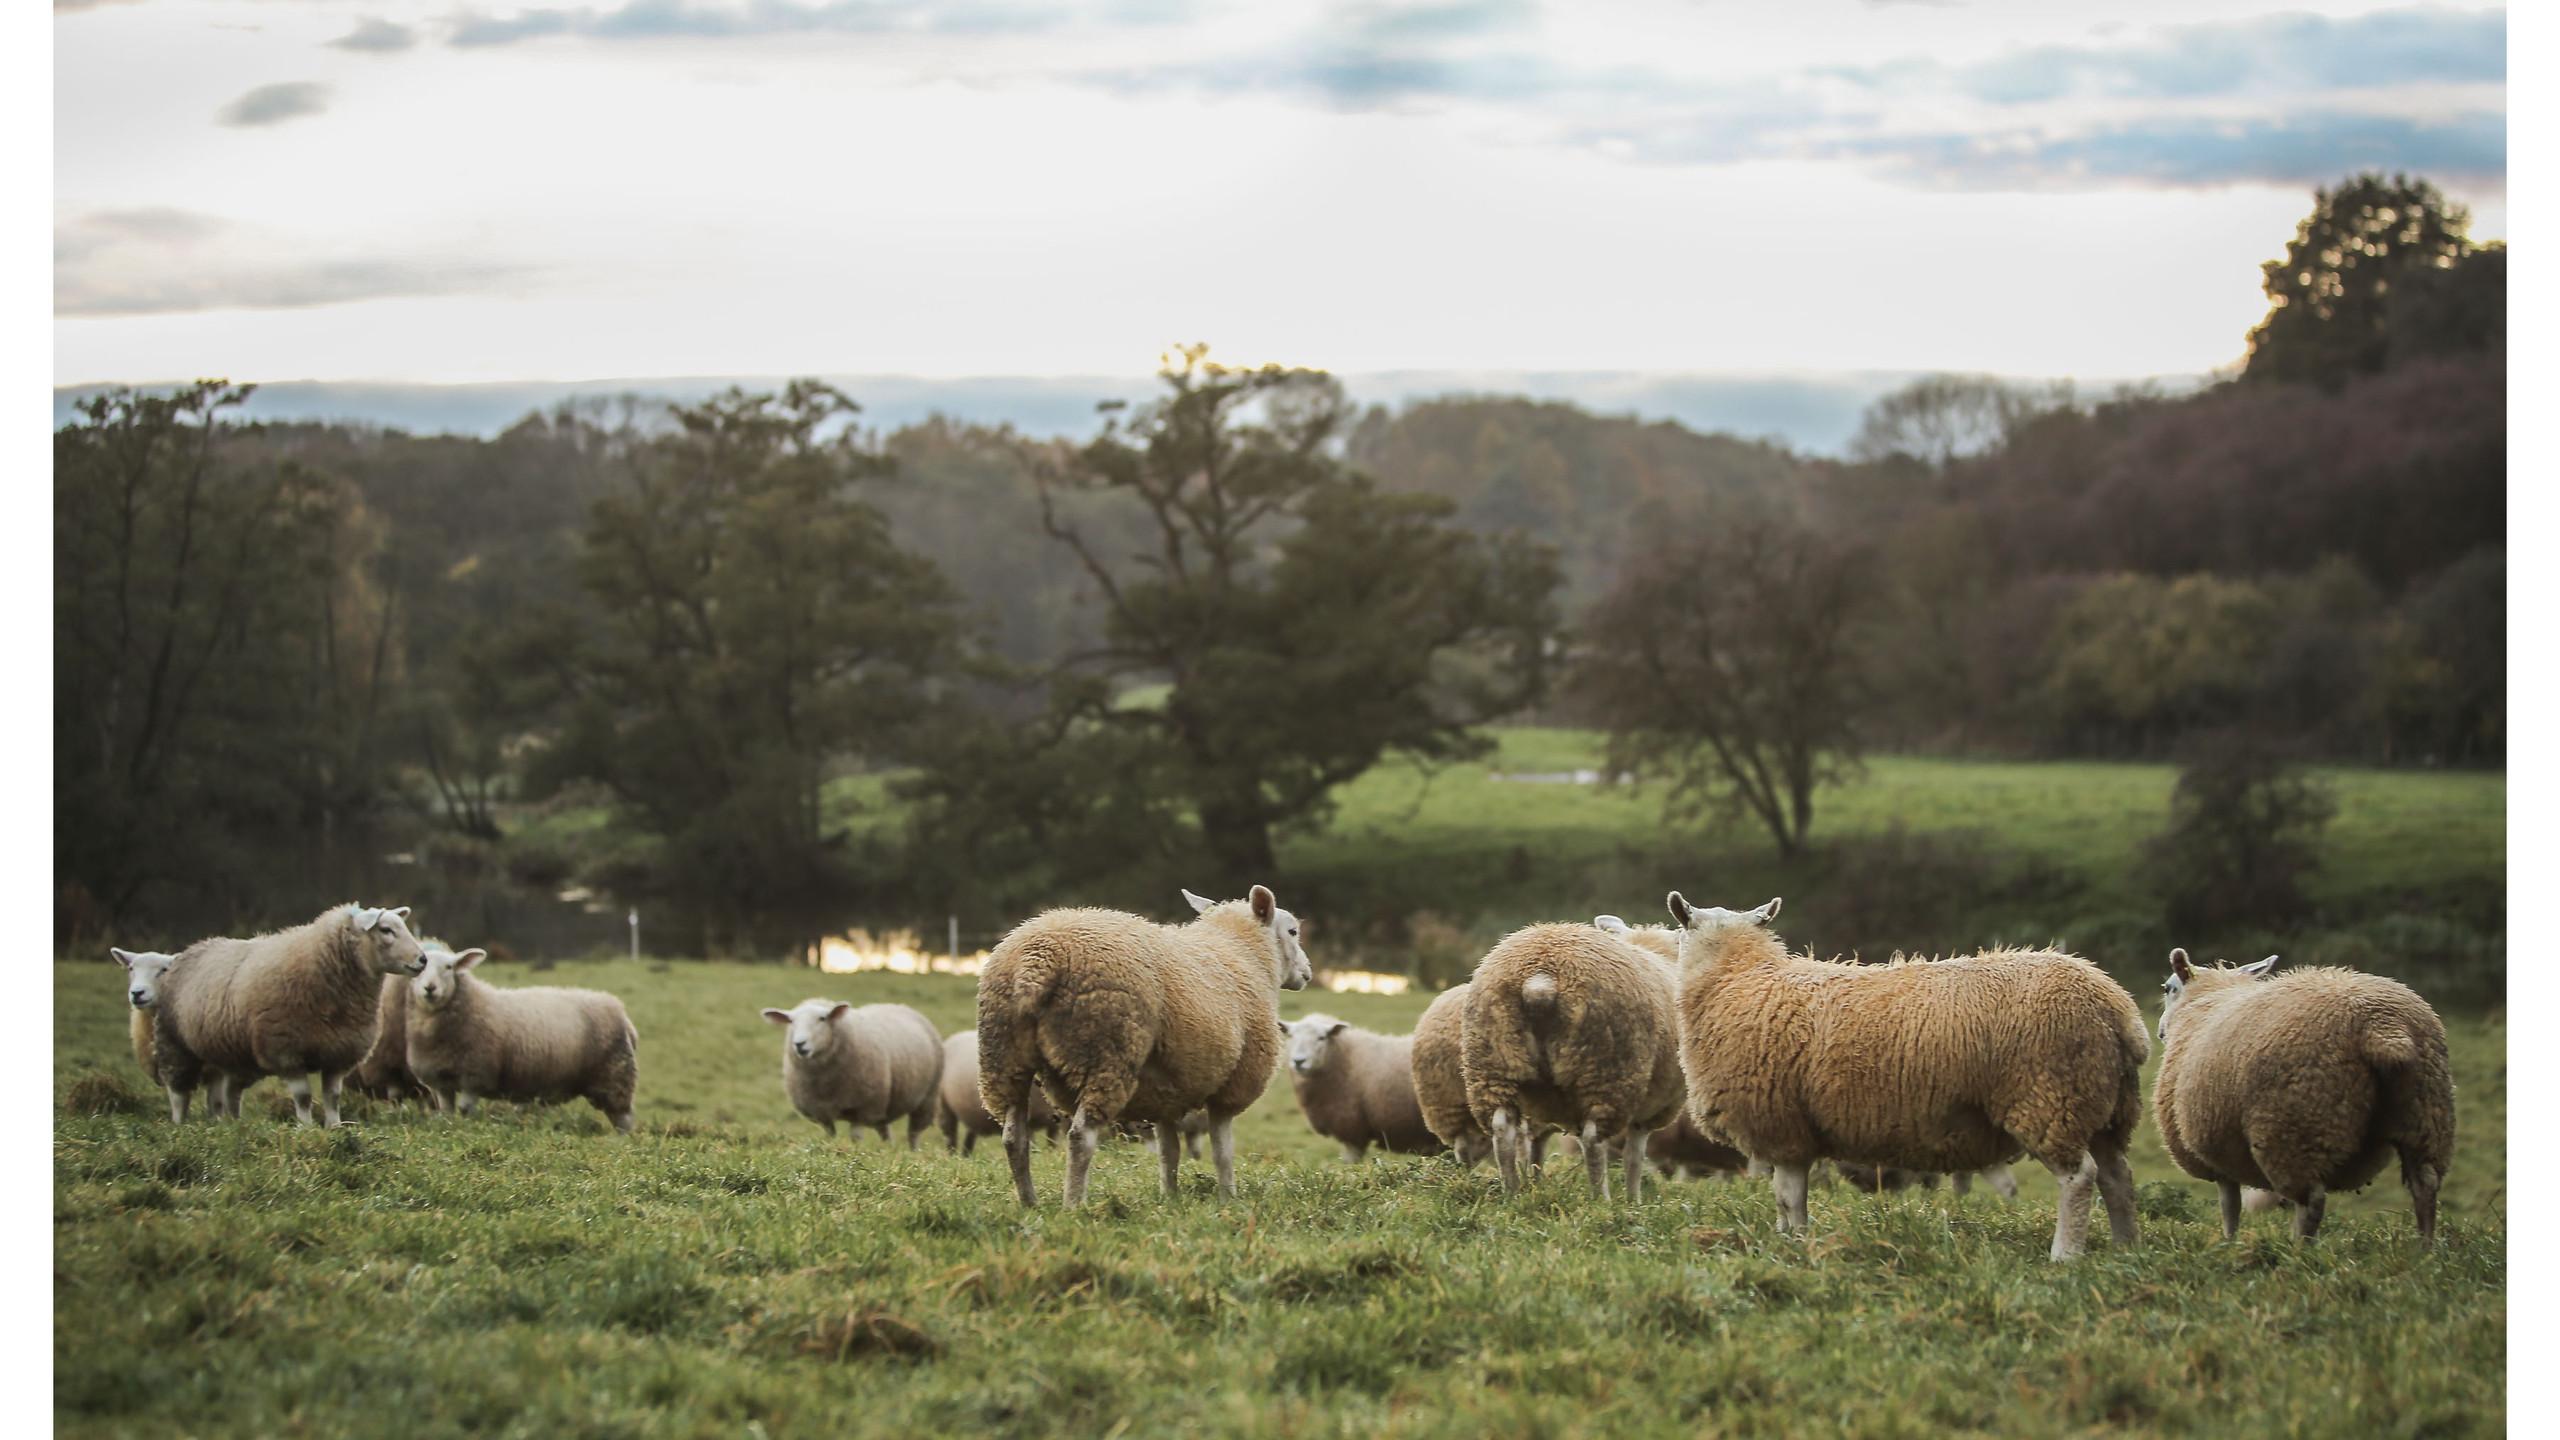 Sheep _ Mennythorpe